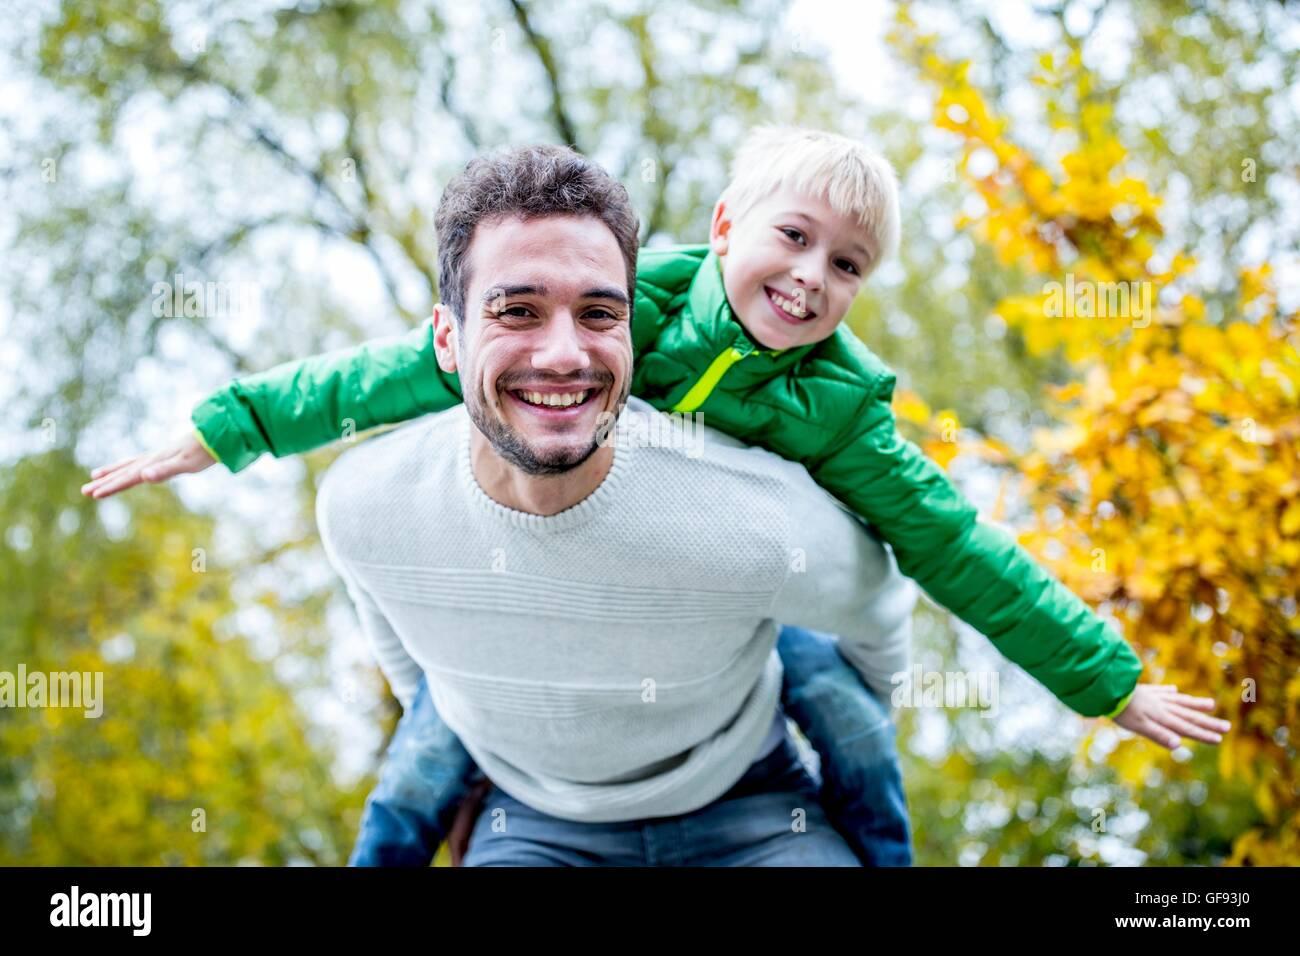 Modelo liberado. Hijo de padre llevar a cuestas en otoño, sonriente, retrato. Imagen De Stock